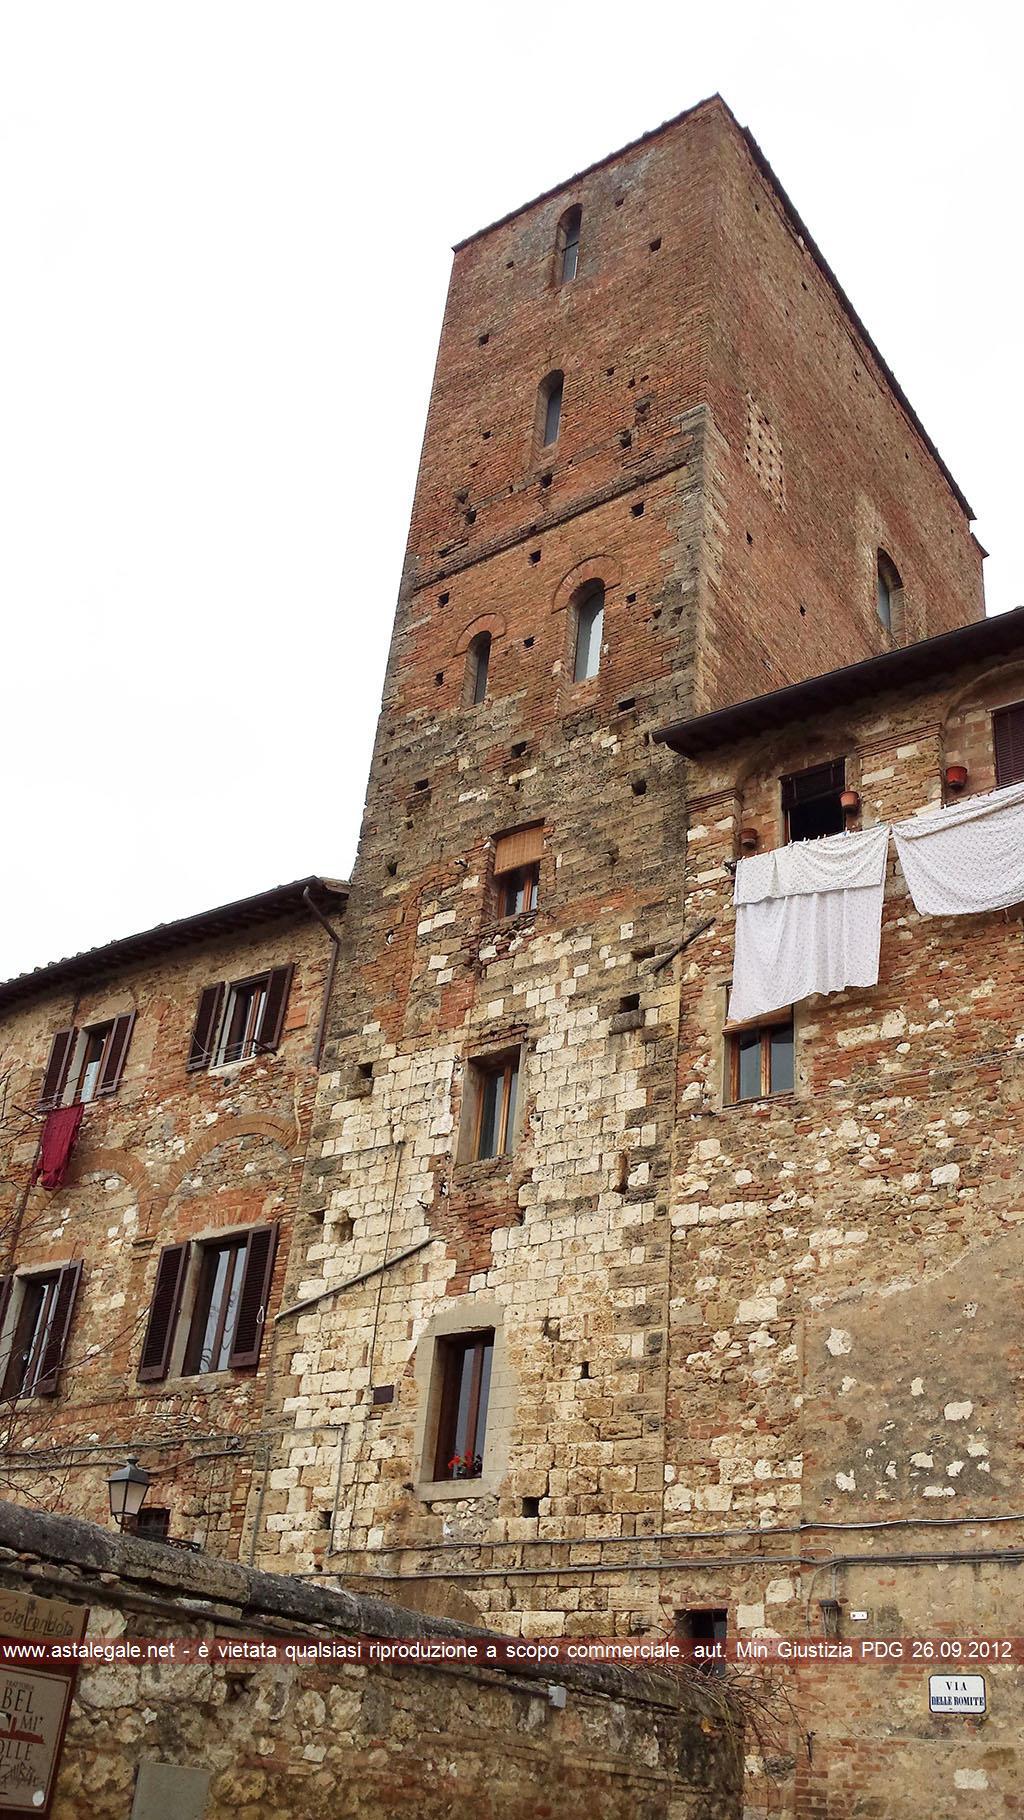 Colle Di Val D'elsa (SI) Via del Castello 63